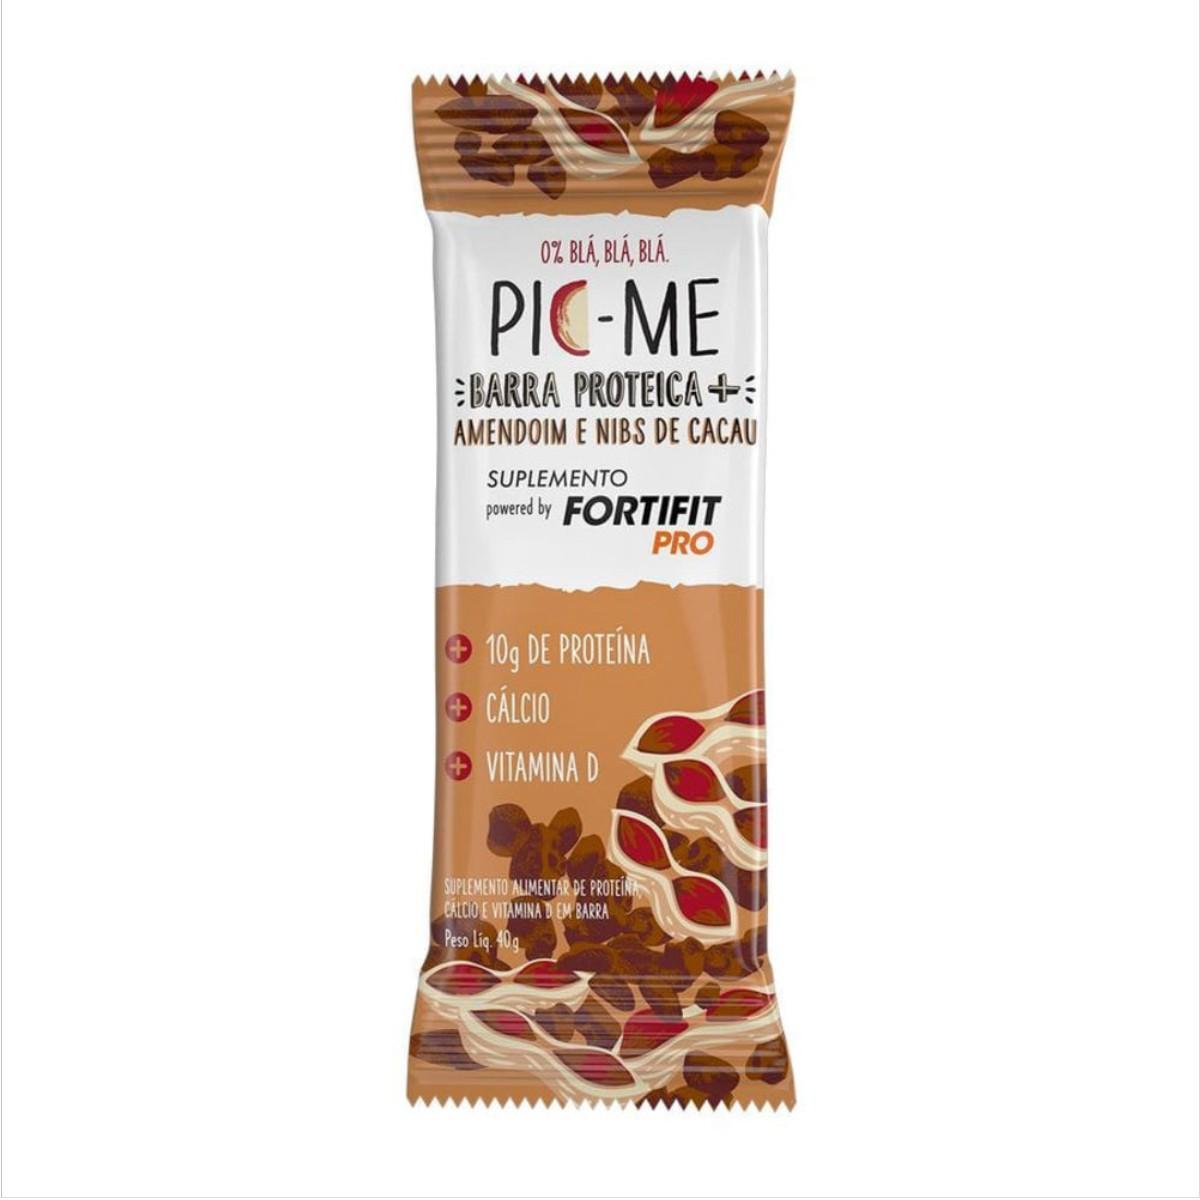 PICME Barra Proteica 40g Amendoim Nibs de Cacau